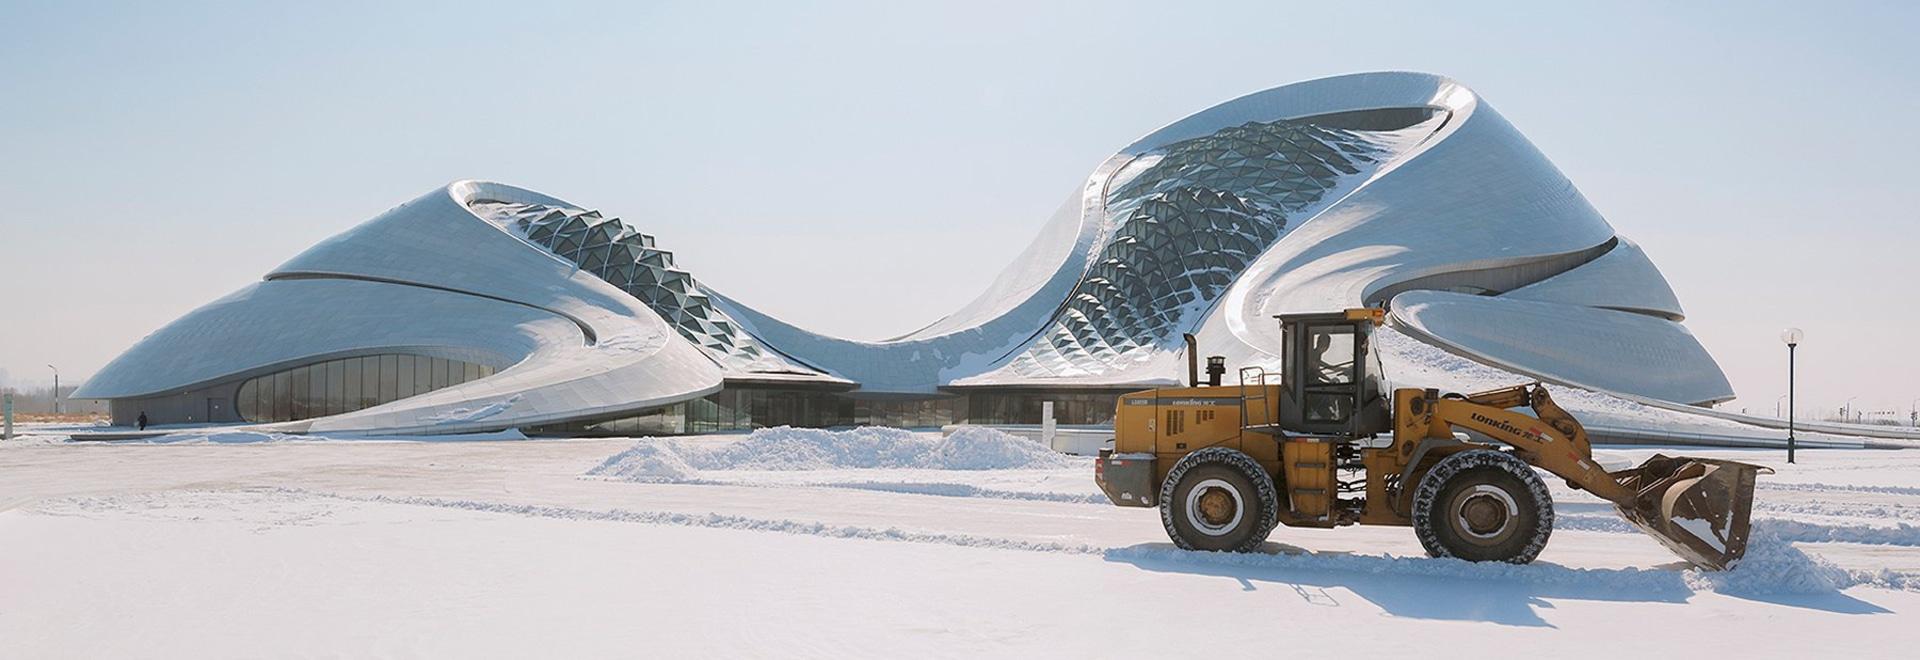 teatro de la ópera de Harbin de los arquitectos ENOJADOS de las fotografías del gallardo de los andrés en la ciudad del hielo de China